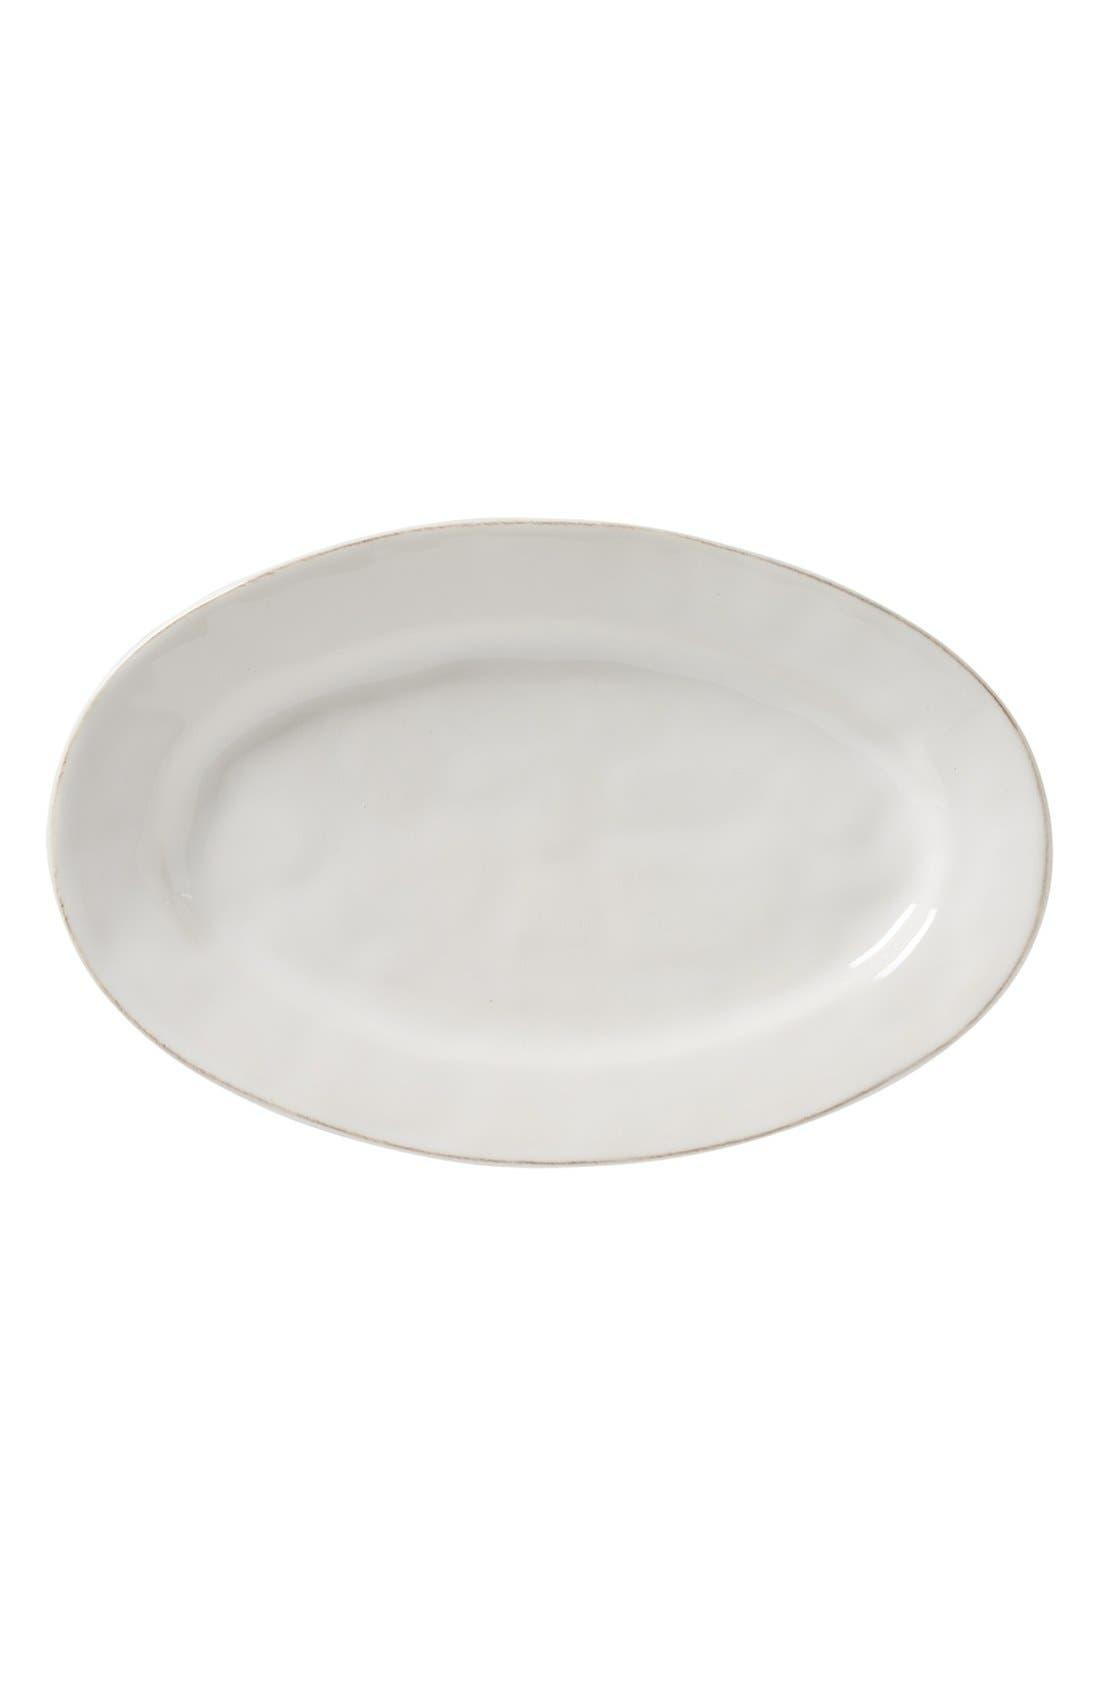 Main Image - Juliska 'Puro' Oval Platter